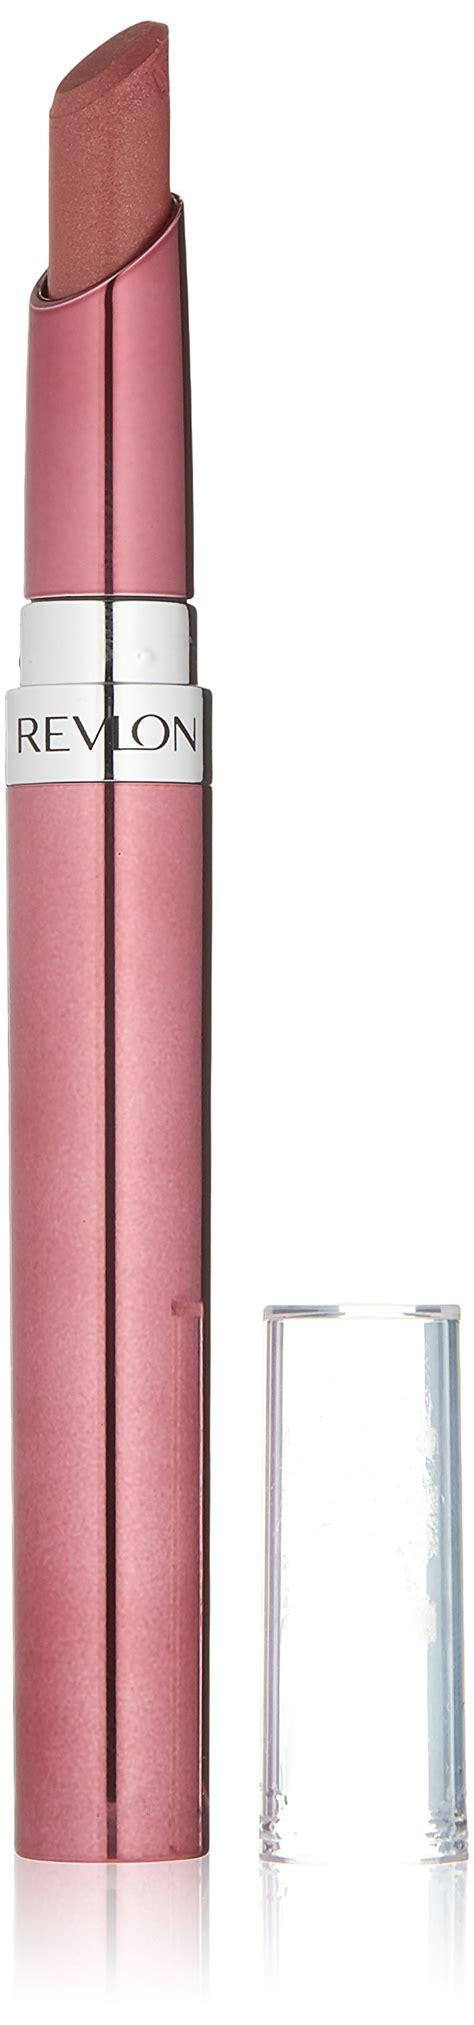 Revlon Ultra Hd Gel Lipcolor revlon ultra hd gel lipcolor hd pink cloud